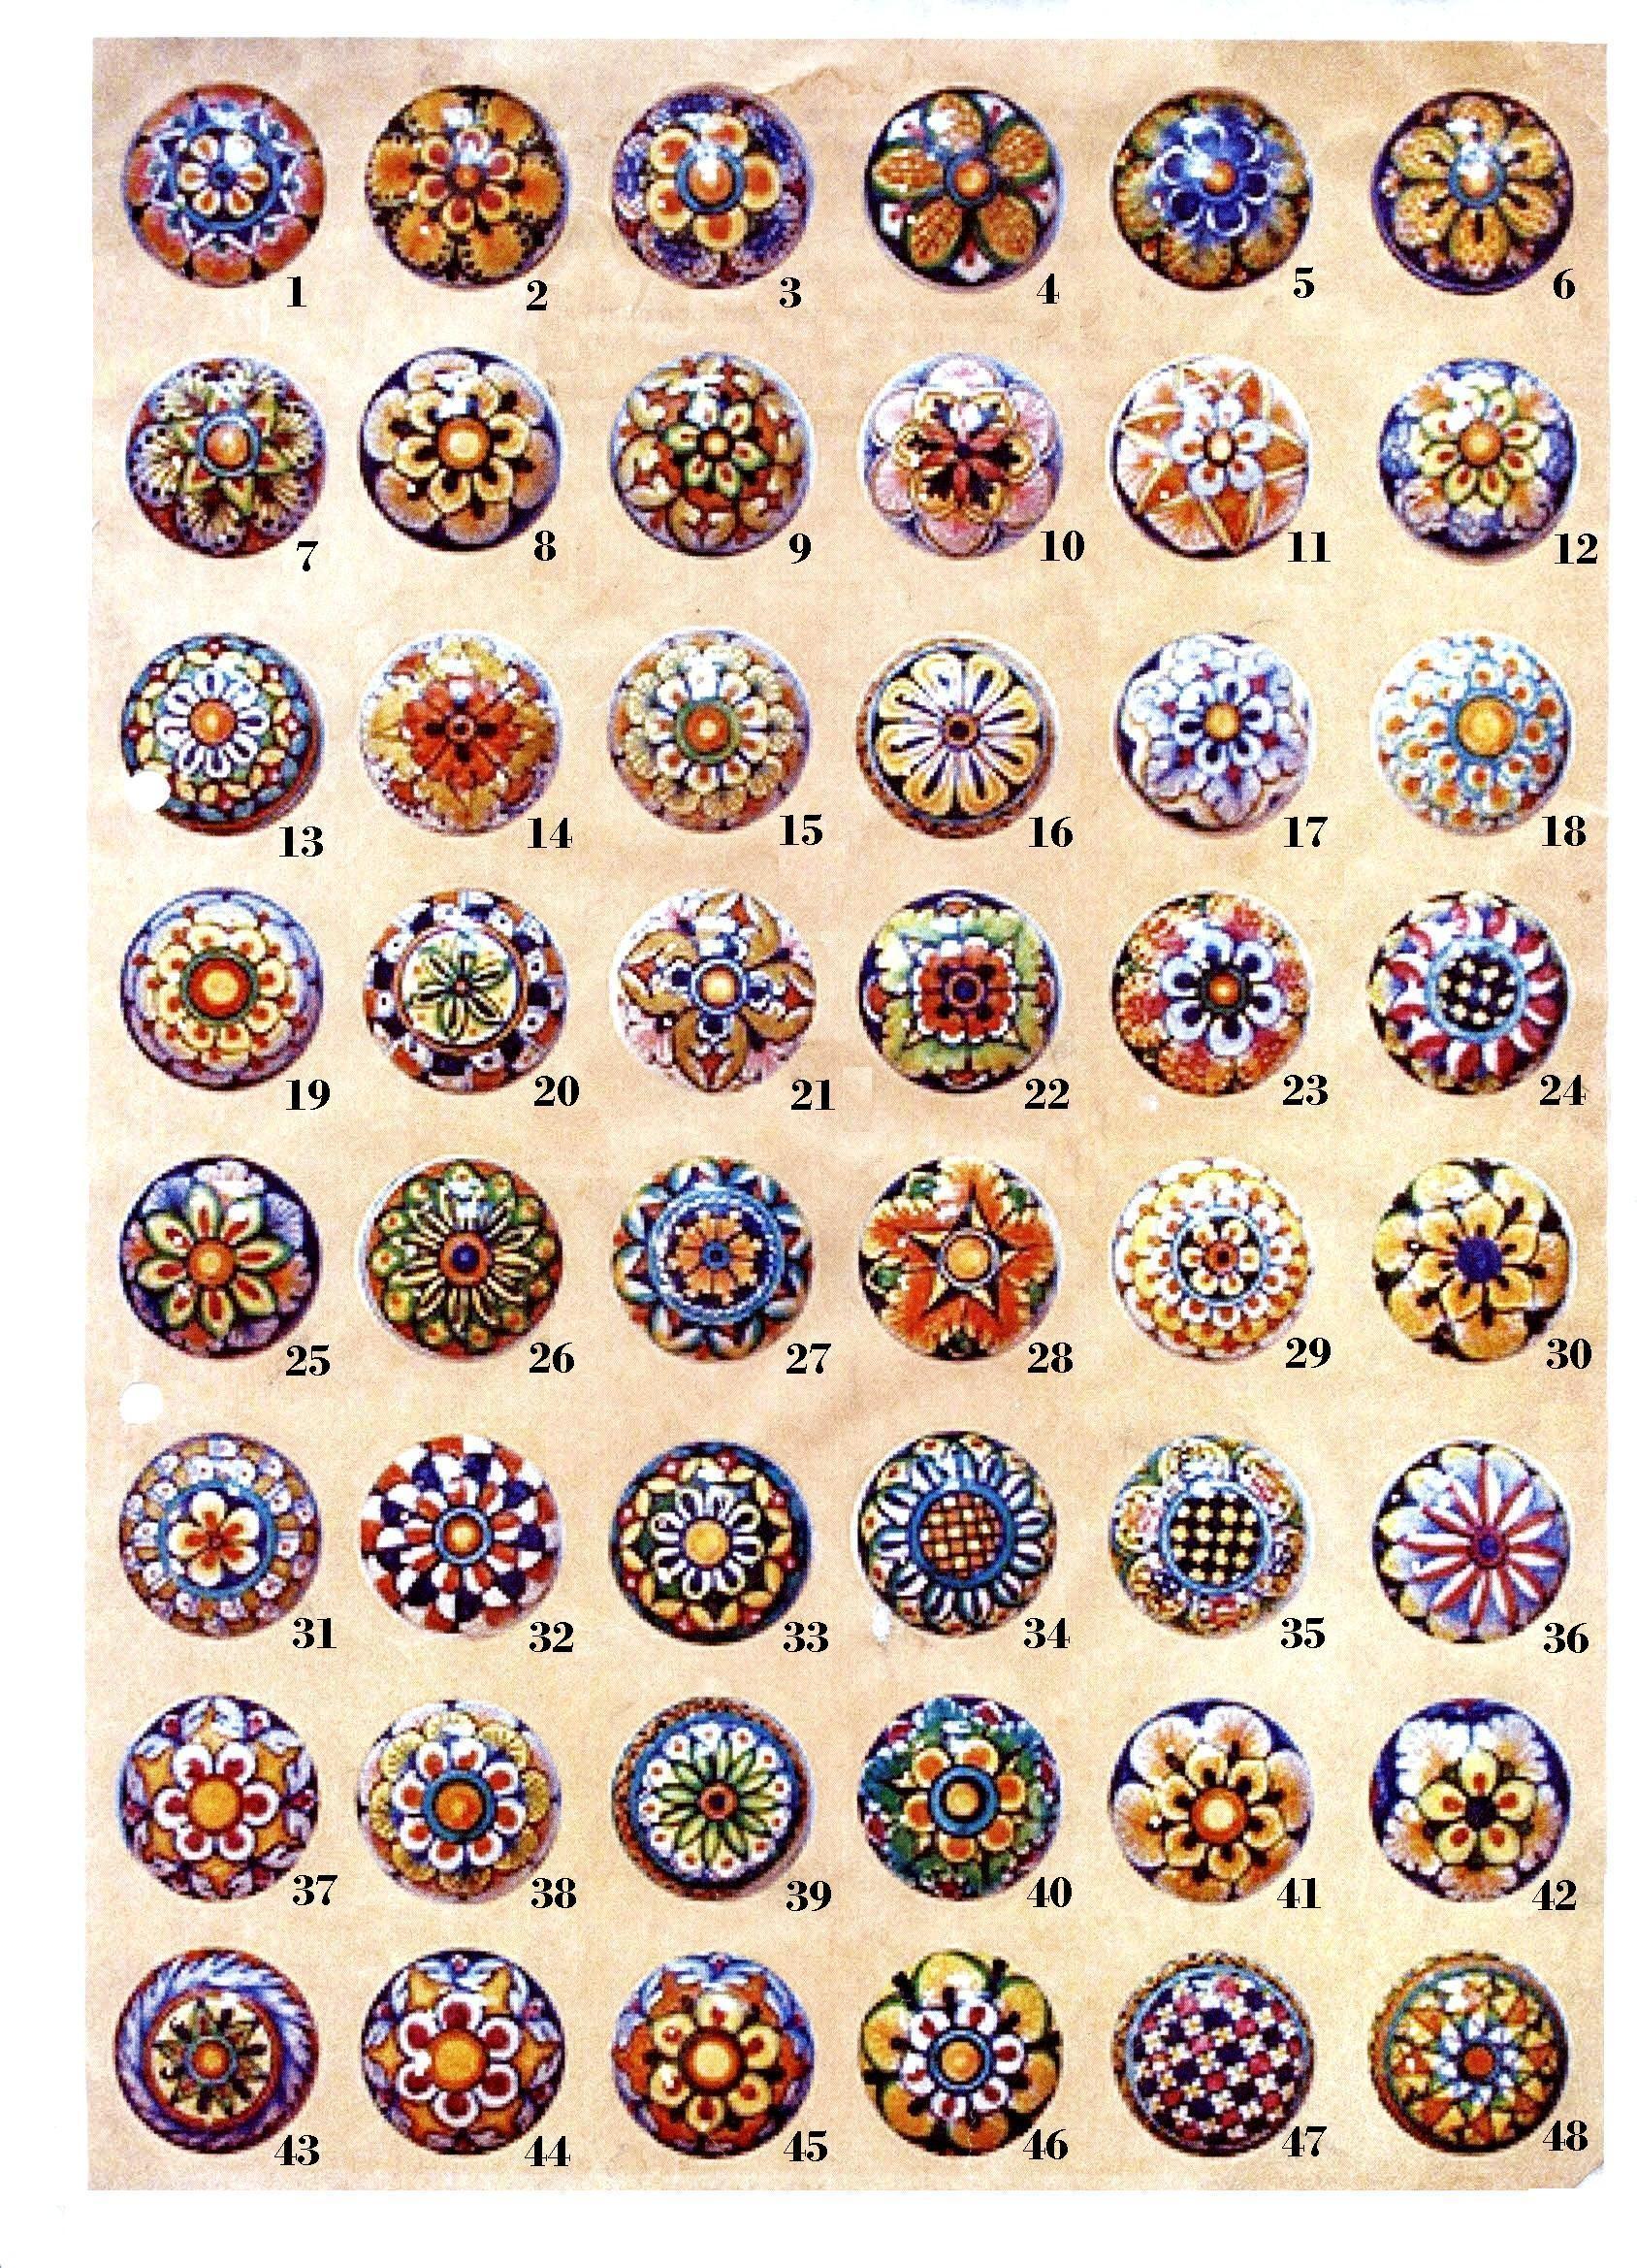 Knobs - Kitchen cabitet knows, handpainted knobs, ceramic ...